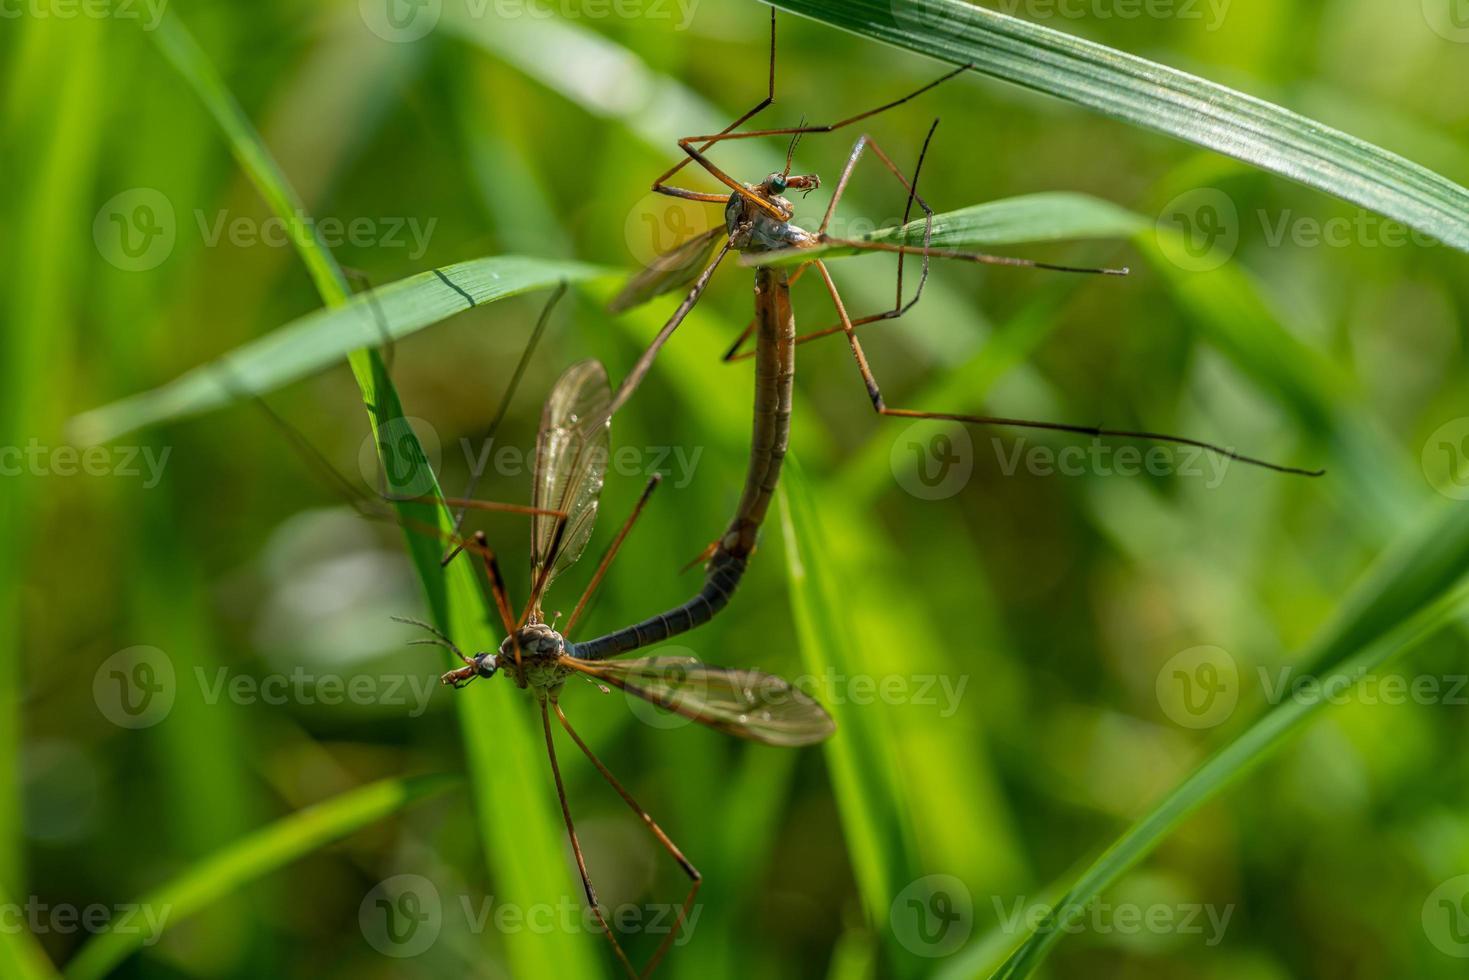 primo piano di due mosche gru di accoppiamento foto